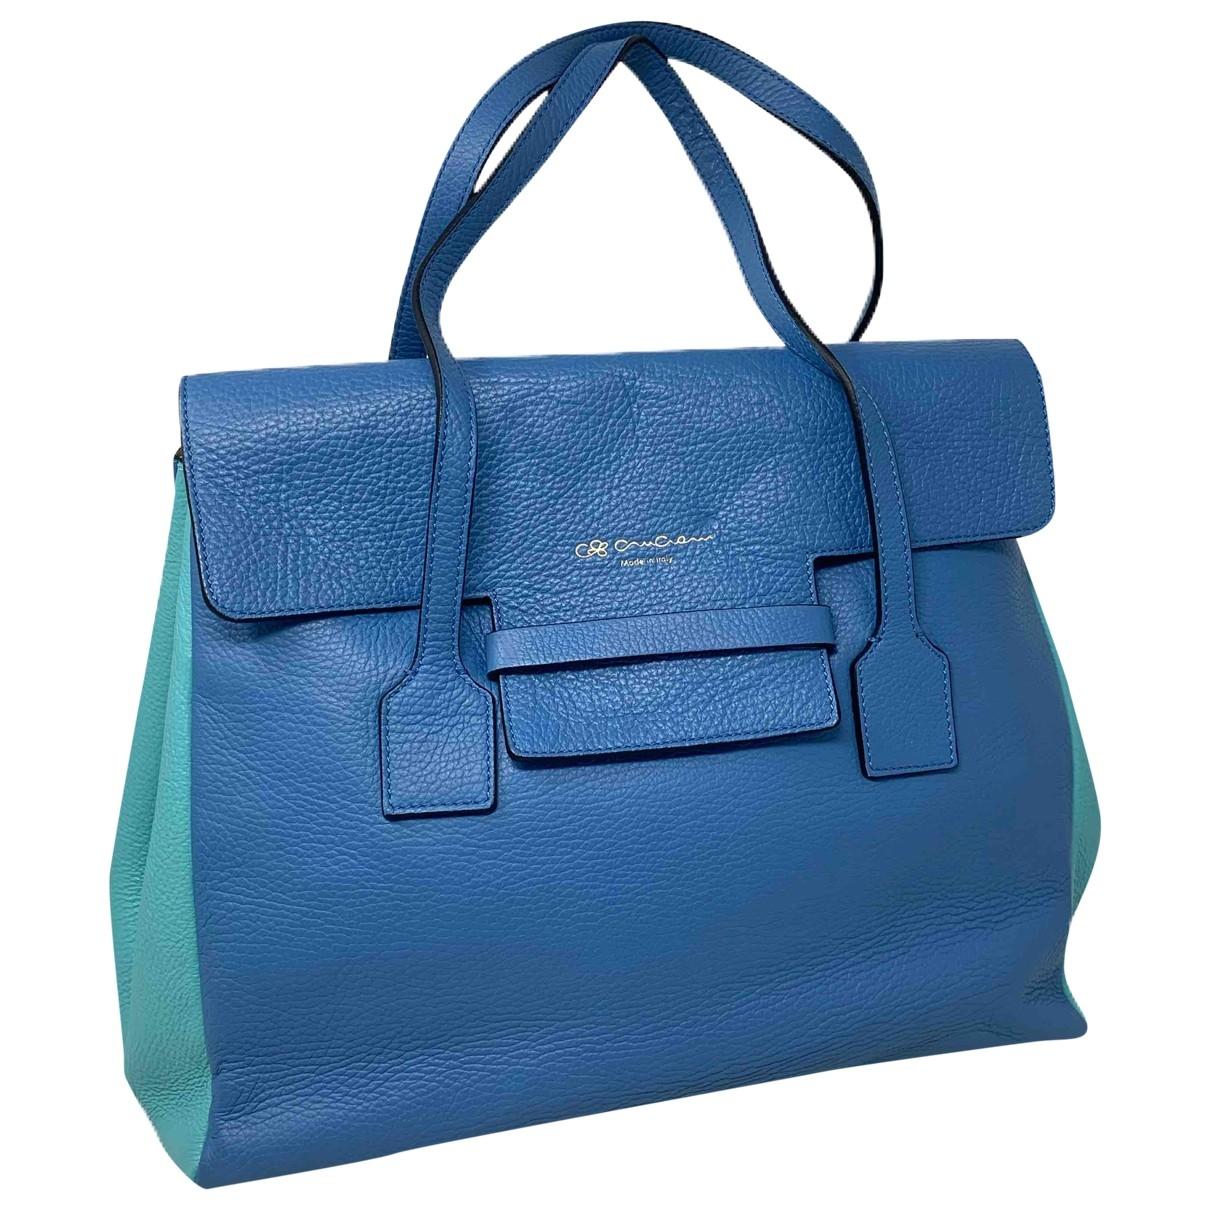 Cruciani - Sac a main   pour femme en cuir - bleu